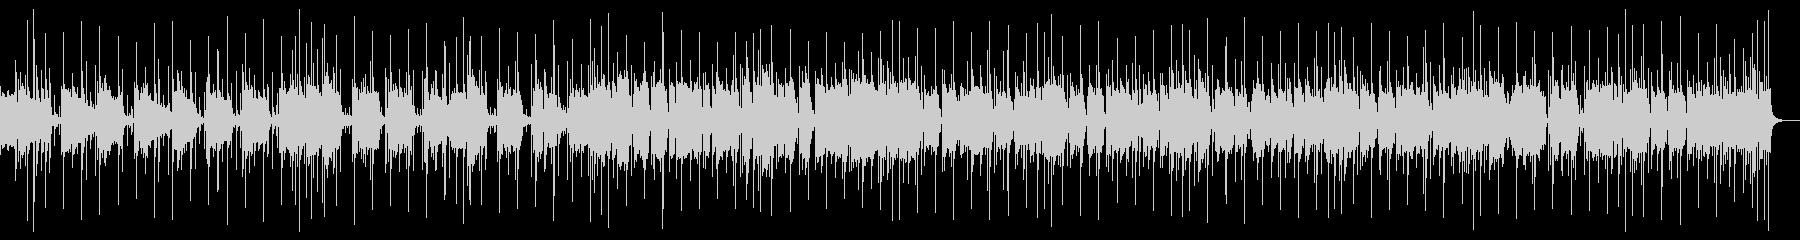 ドラムメイン同じパターンのシンプルな曲の未再生の波形